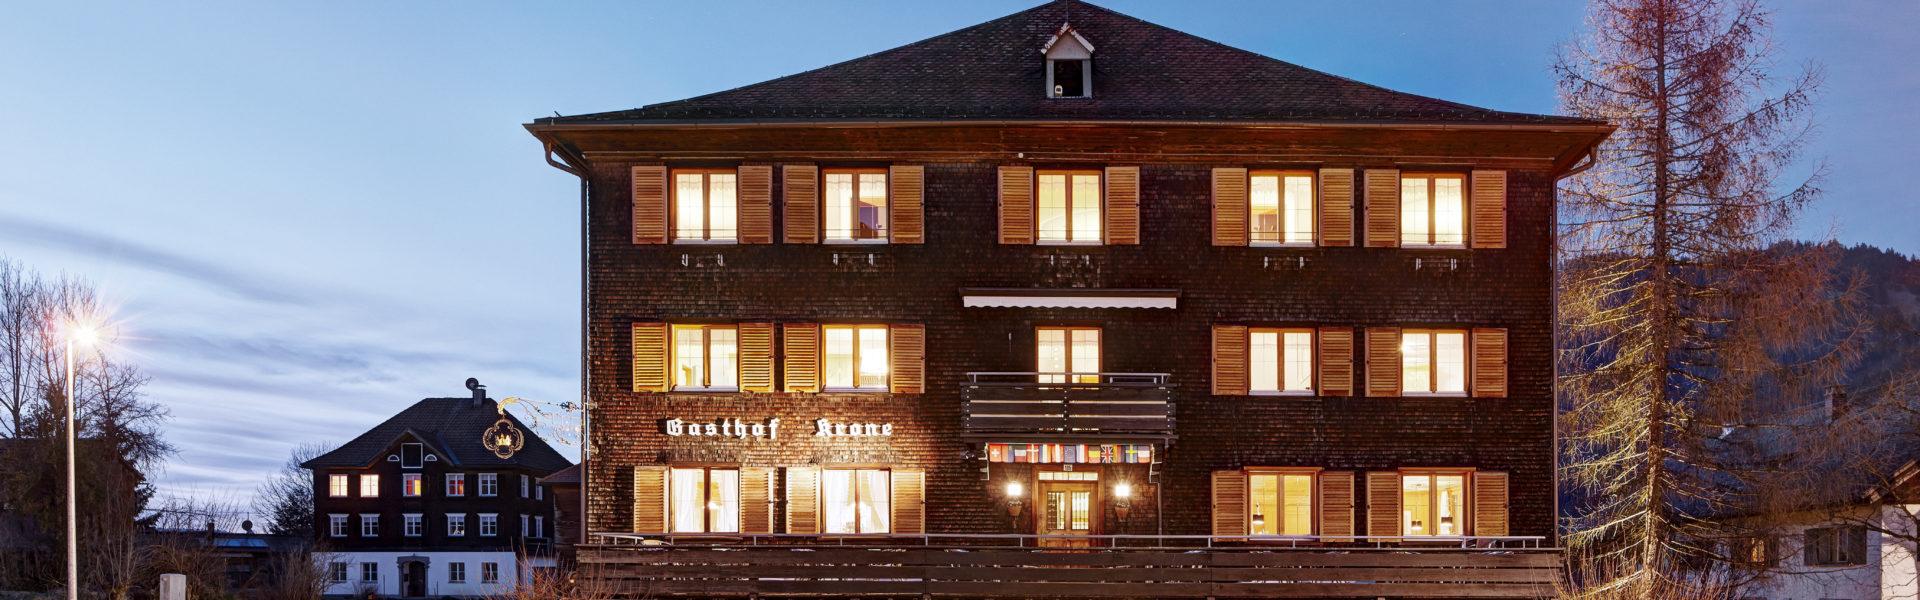 Hotel Gasthaus Krone, Hittisau, (c) Hotel Krone